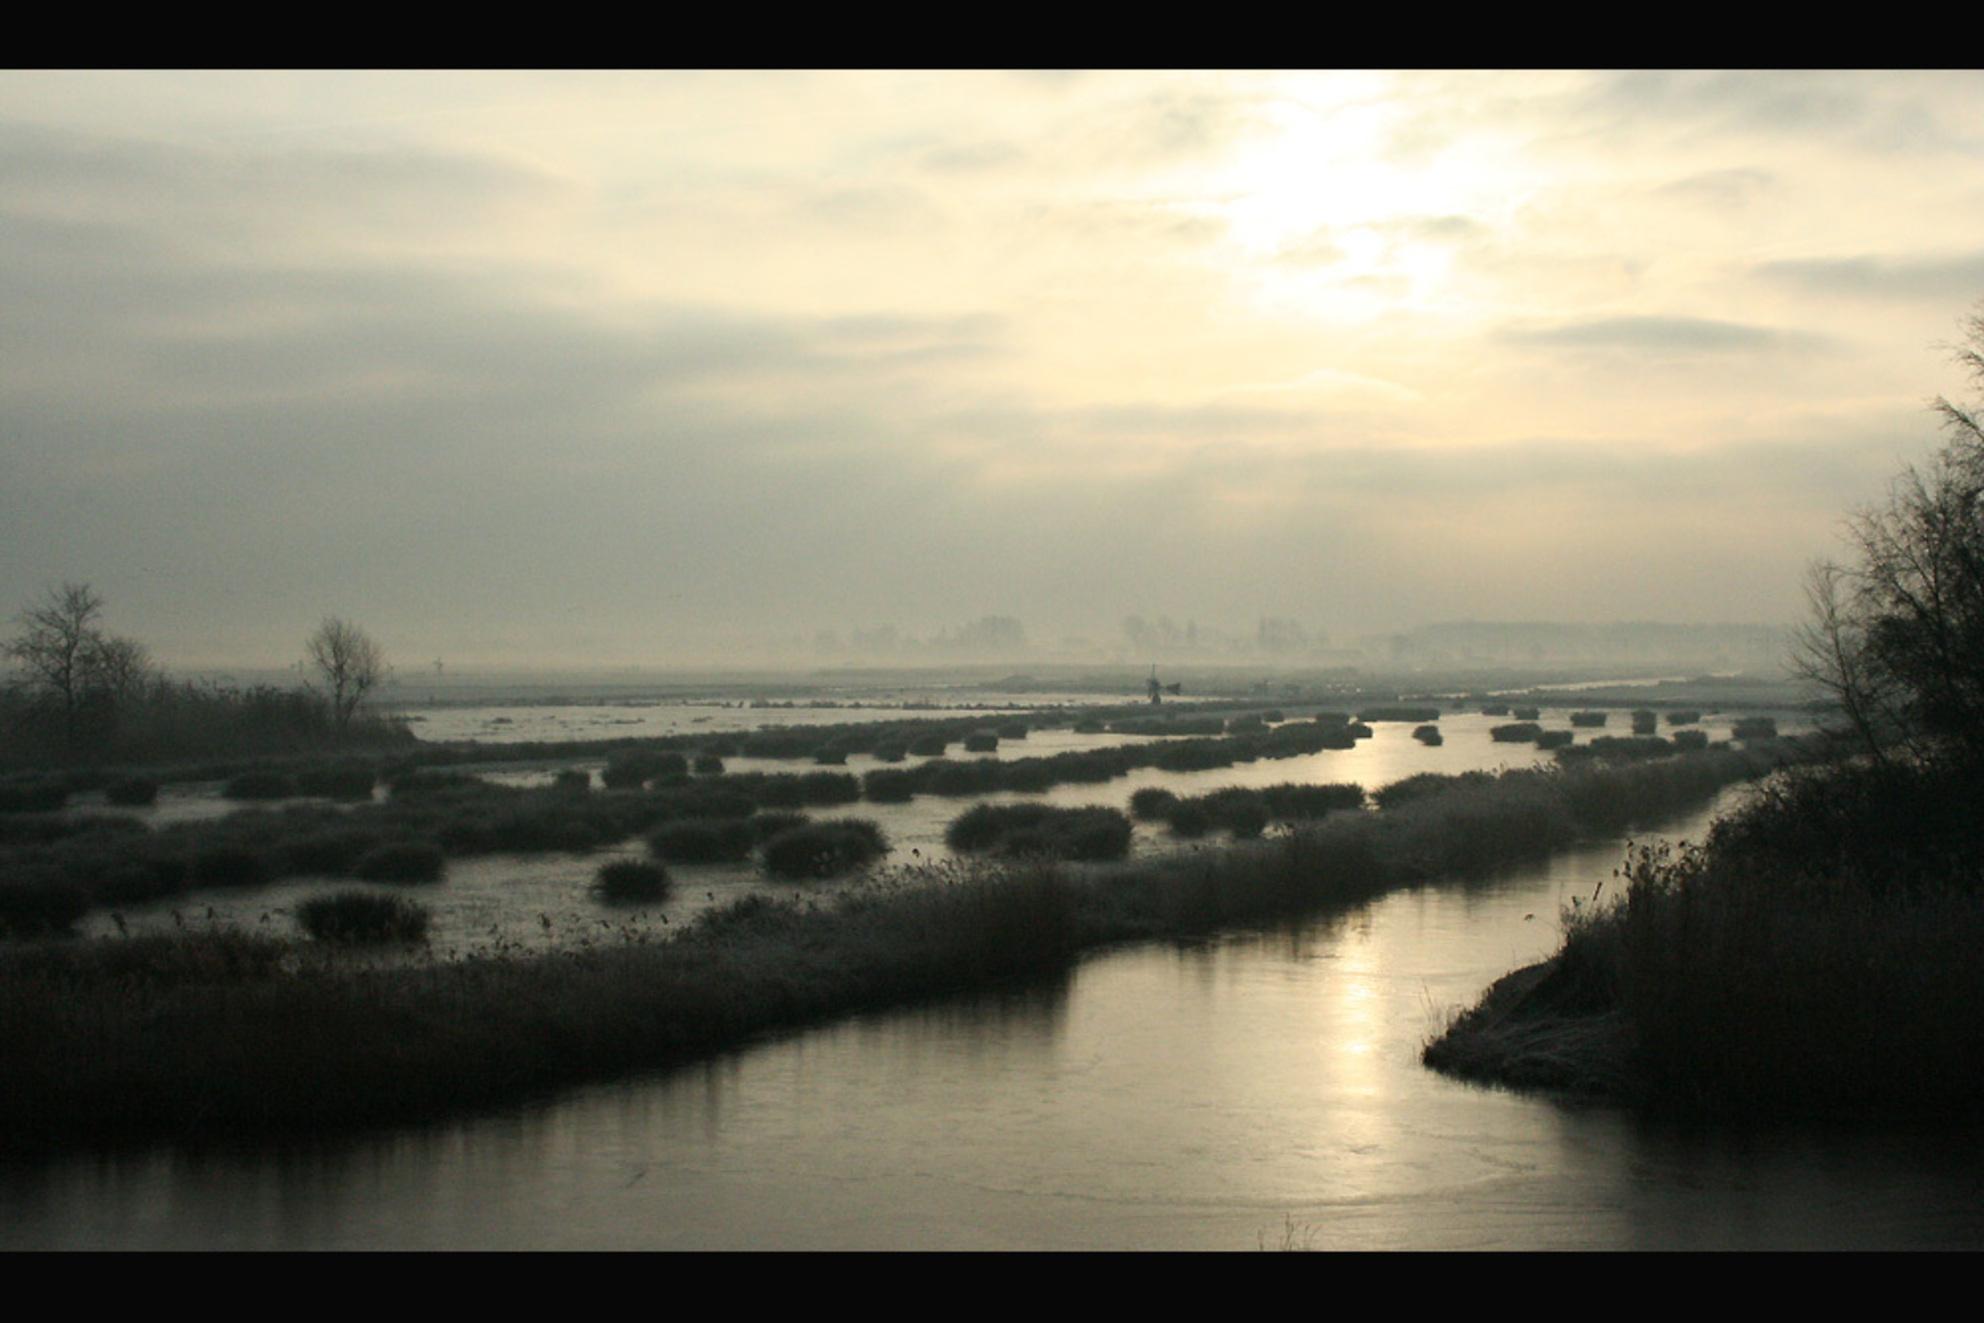 Winter waterland - Waterland, Noord-Holland. - foto door vlienster op 27-03-2011 - deze foto bevat: reflectie, landschap, mist, molen, holland, nederland, zonsopgang, polder, waterlandschap - Deze foto mag gebruikt worden in een Zoom.nl publicatie